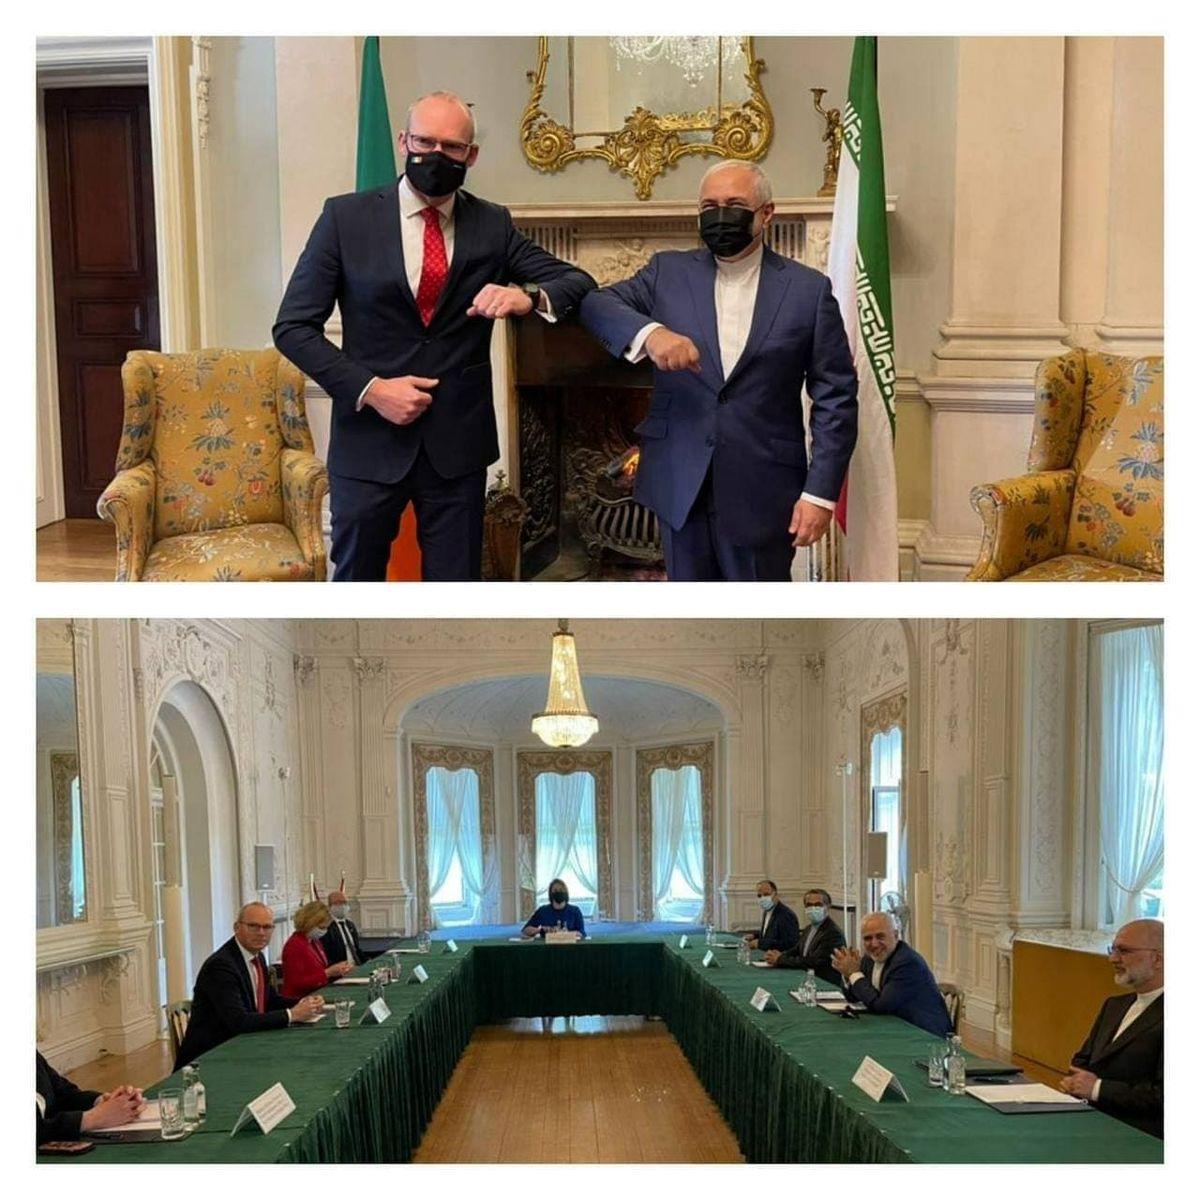 آغاز مذاکرات ظریف در دوبلین پایتخت جمهوری ایرلند +عکس